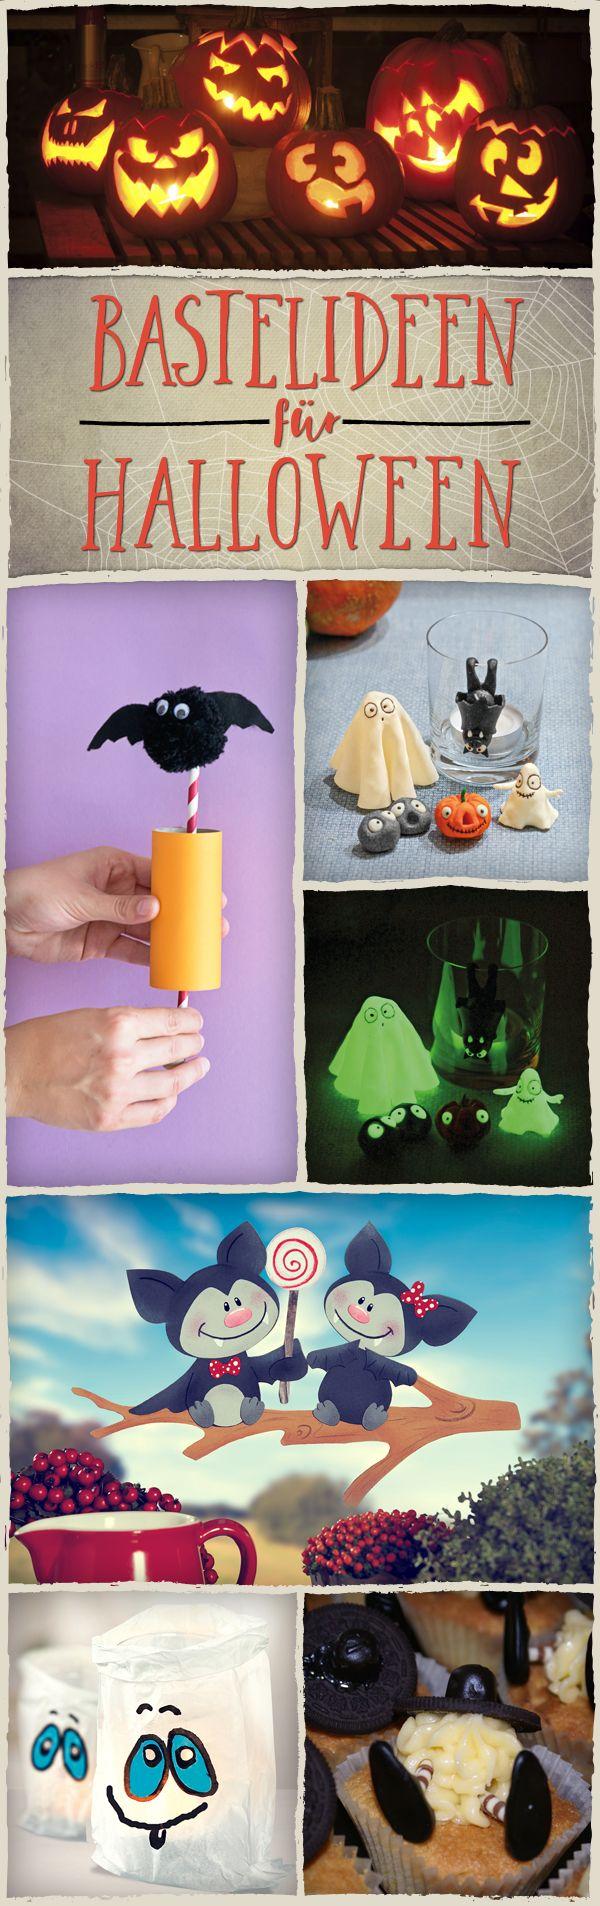 199 best ✂ Basteln für Halloween images on Pinterest